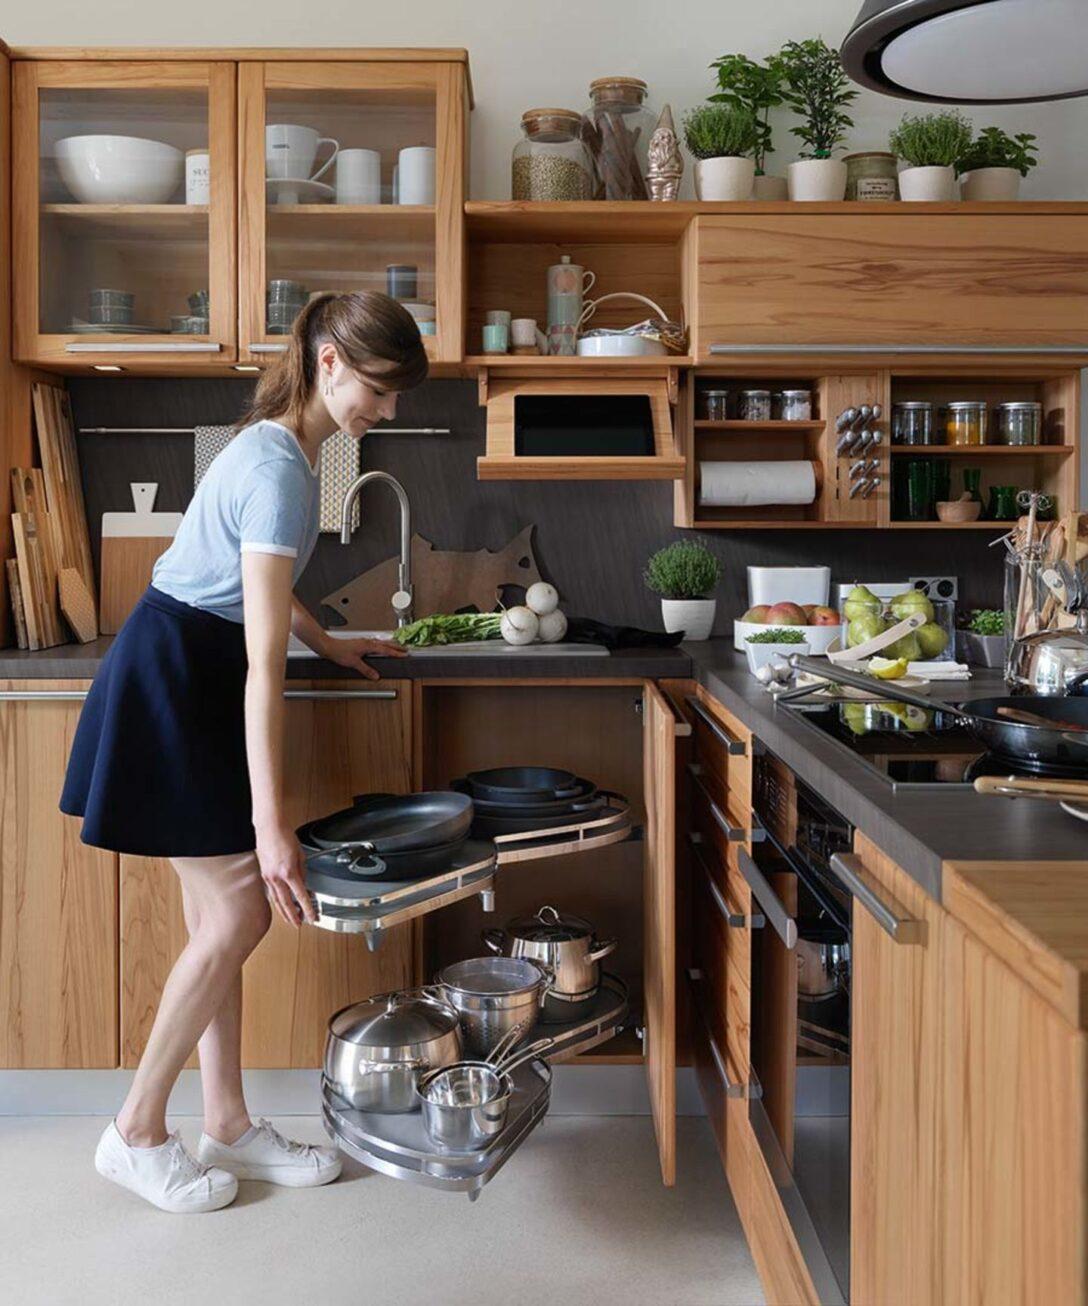 Large Size of Eckunterschrank Küche 60x60 Ikea Eckschrank Kche Nobilia Auszug Apothekerschrank Theke Pendelleuchten Einzelschränke Aufbewahrung Inselküche Betten Bei Wohnzimmer Eckunterschrank Küche 60x60 Ikea